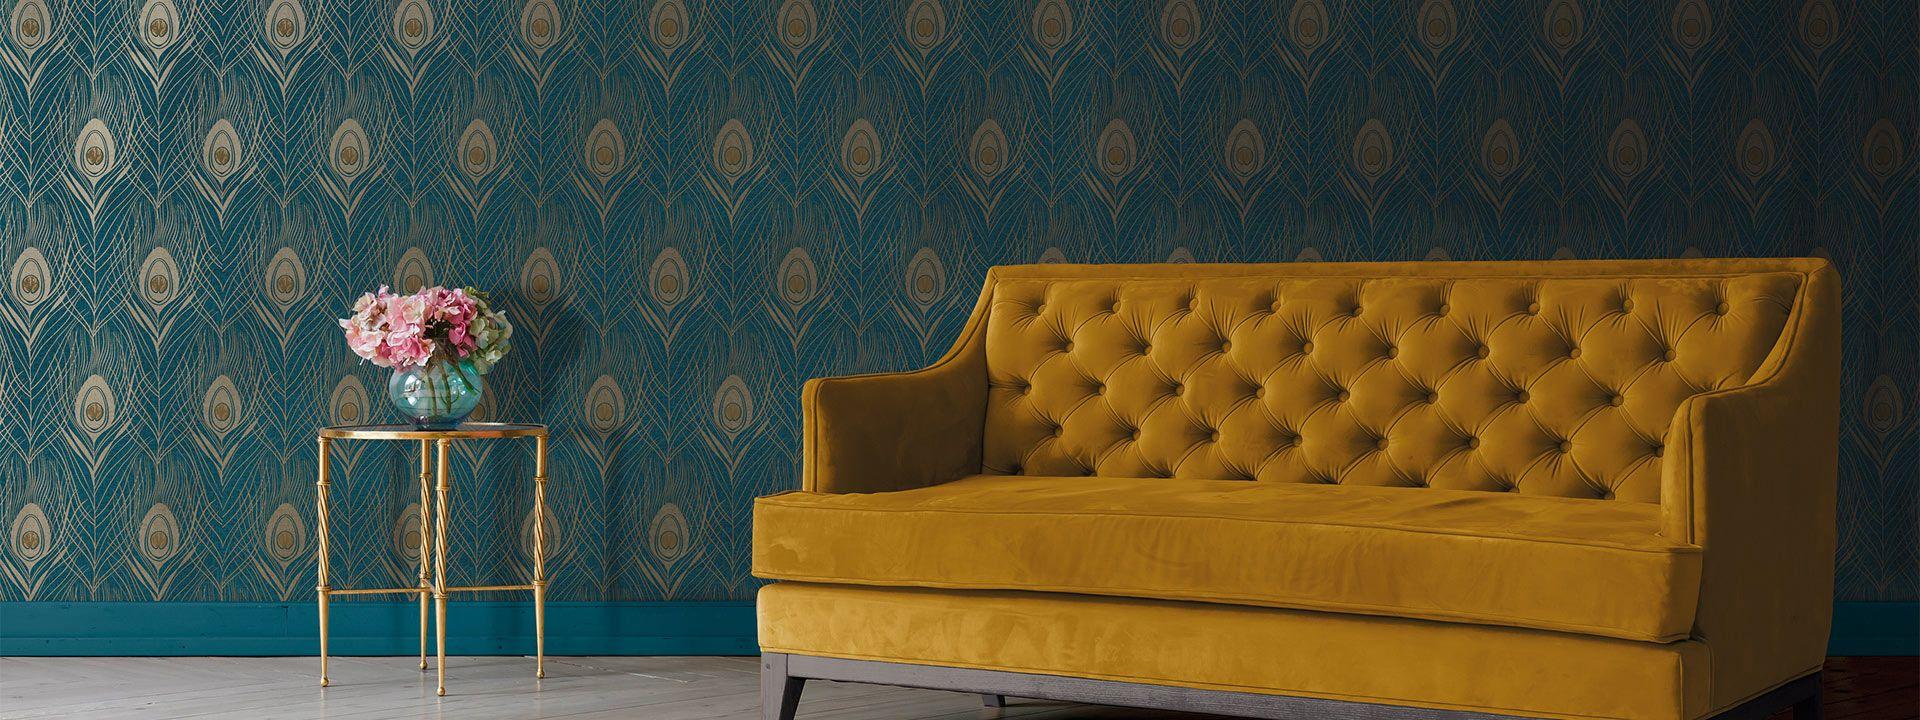 Luxus Tapeten image